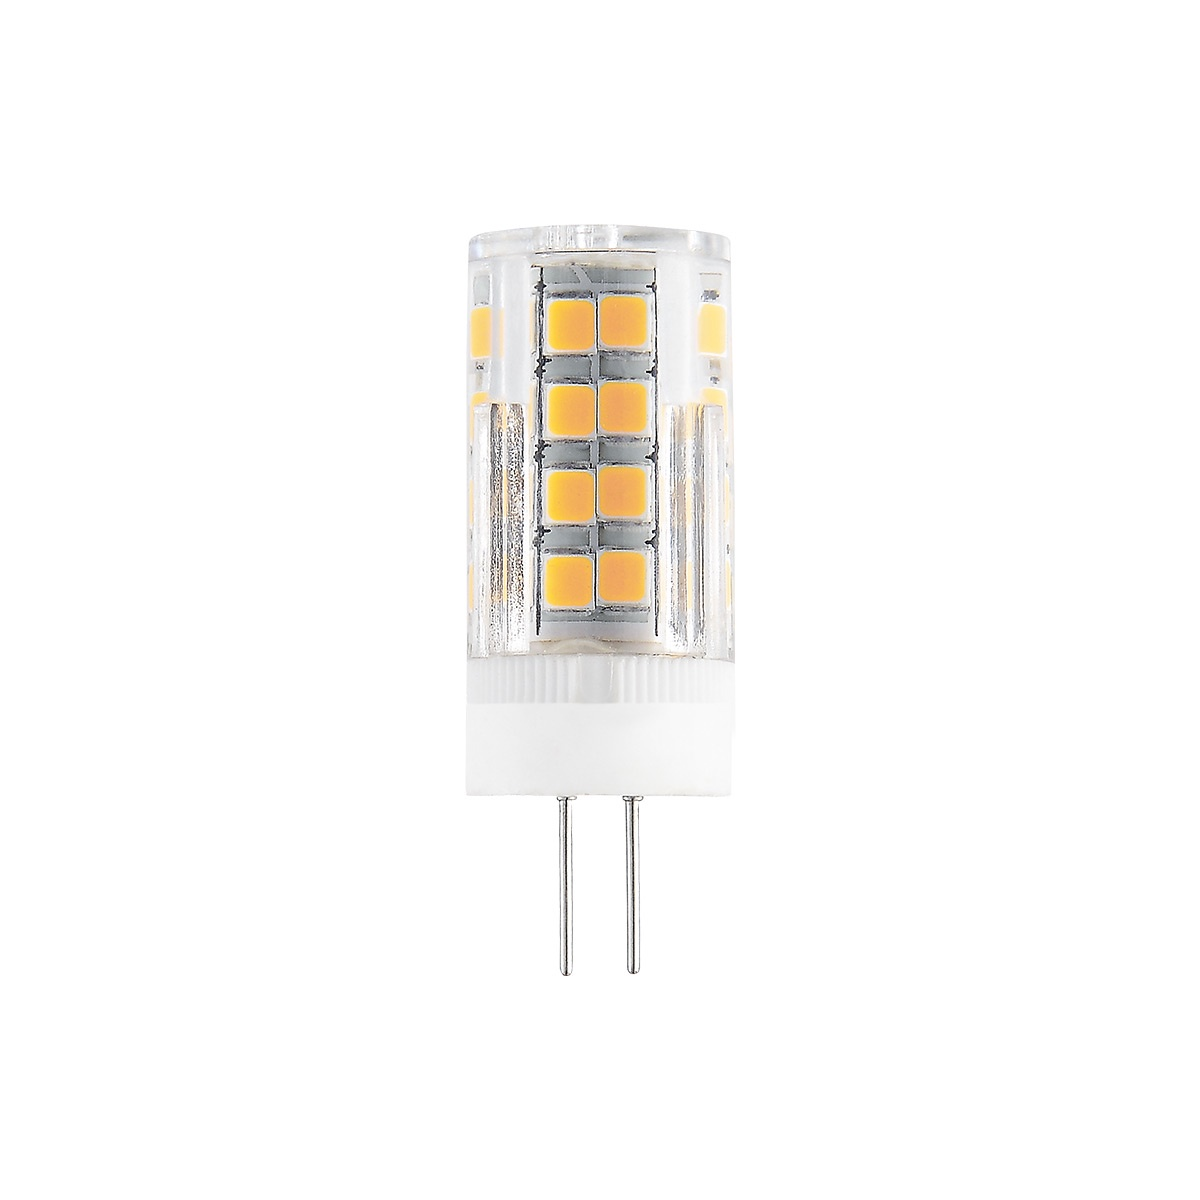 Лампочка Elektrostandard светодиодная G4 LED BL108 7W 220V 4200K, Нейтральный свет 7 Вт, Светодиодная лампы светодиодная elektrostandard classic led d 7w 4200k e27